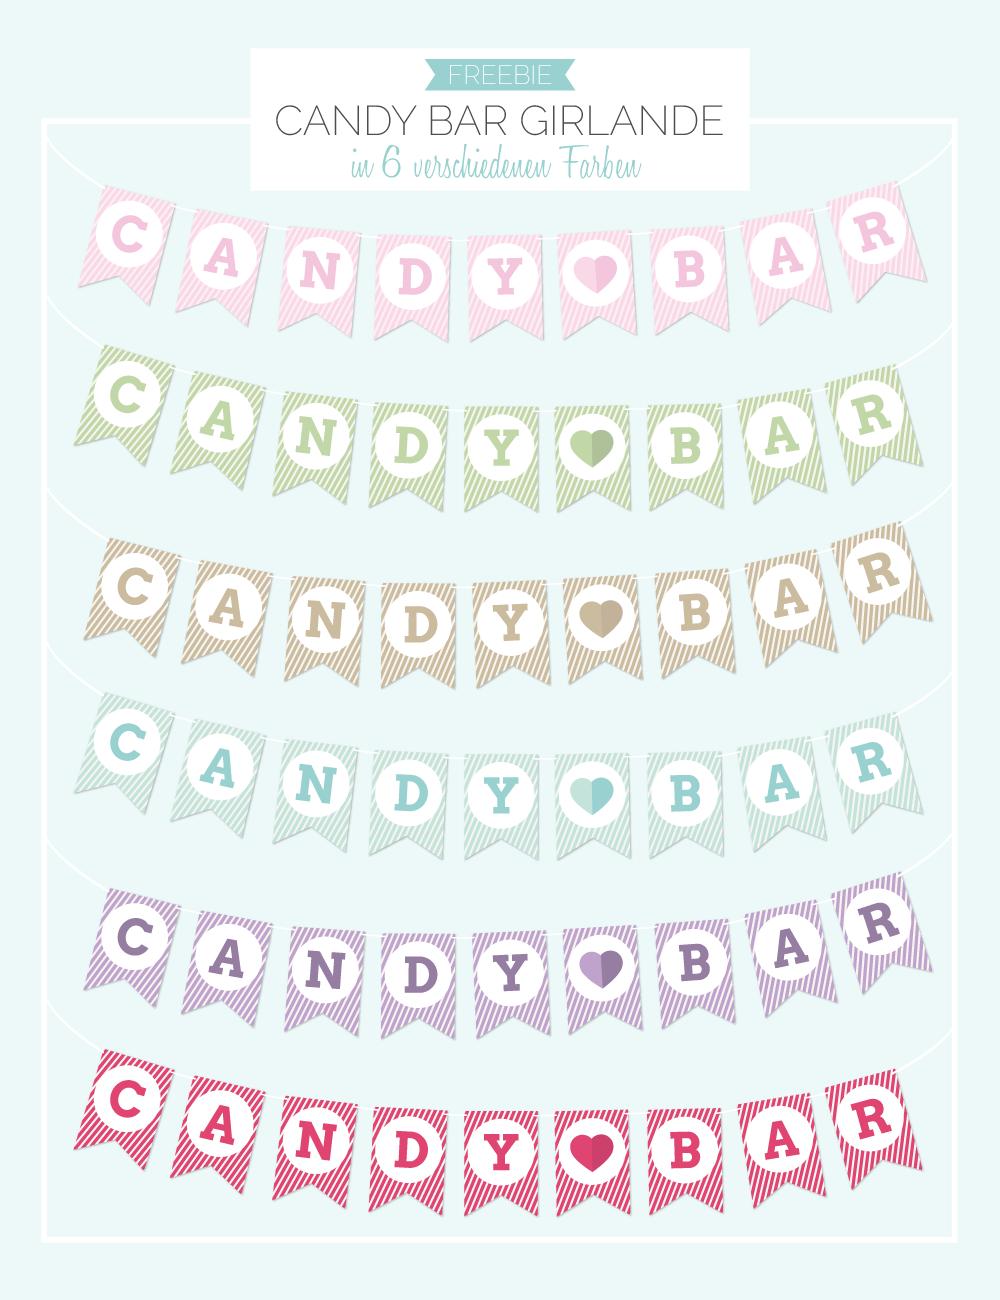 Vorlage Candy Bar Girlande in rosa, hellgrün, beige, blau, lila ...